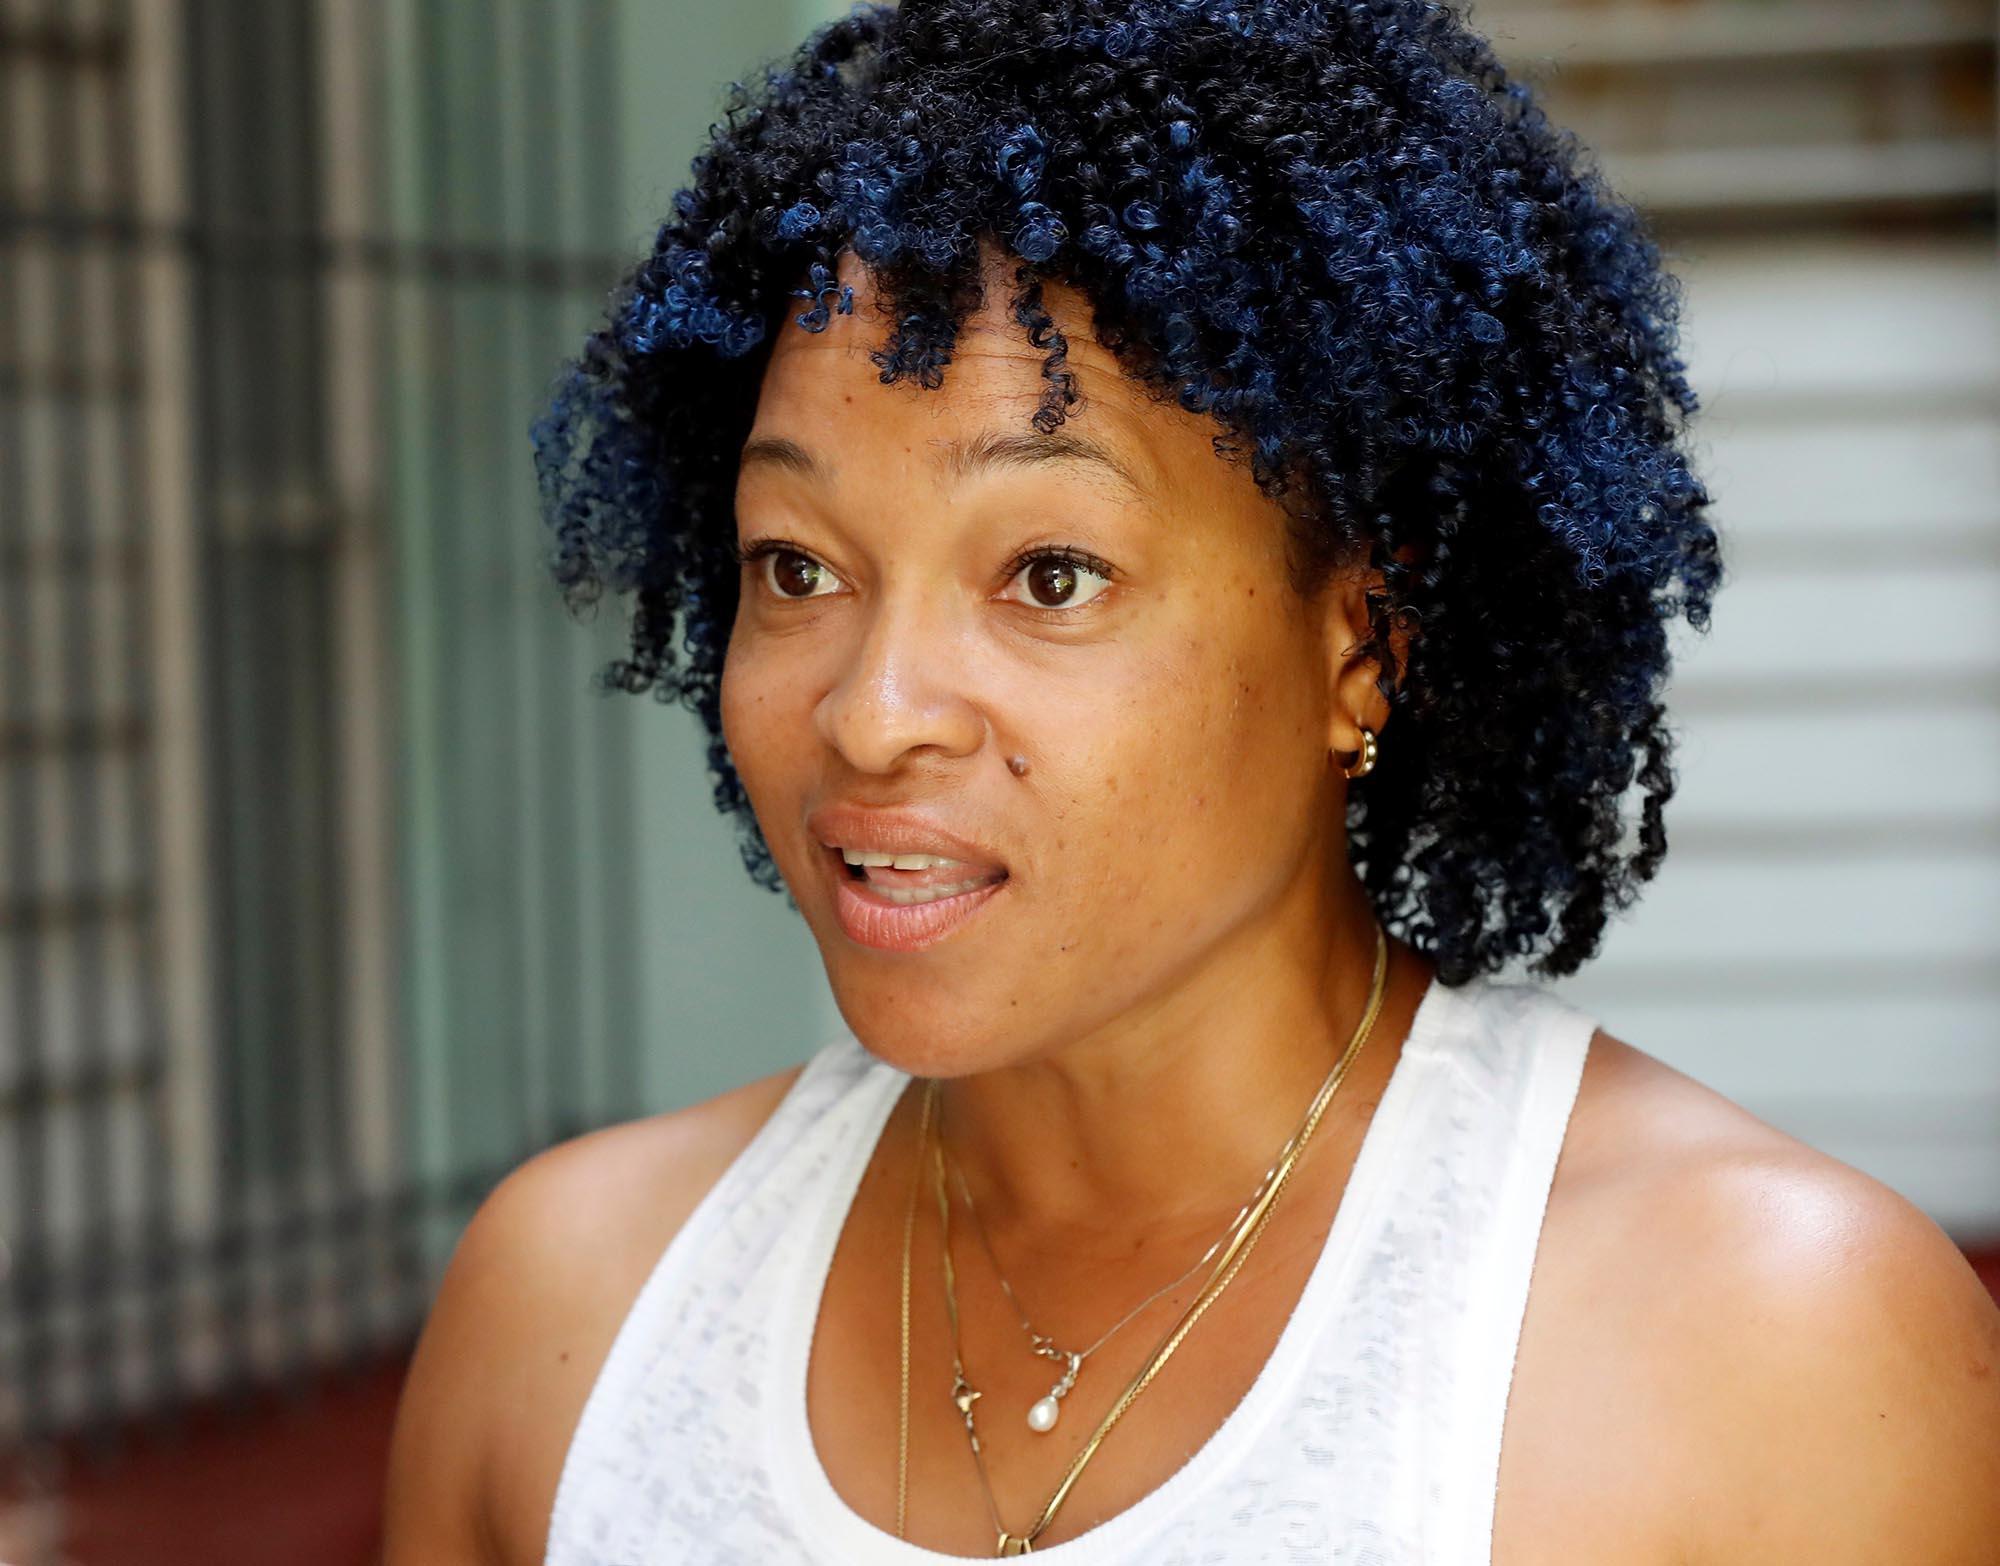 """Erlys Pennycook, emprendedora y creadora de línea de productos para el cabello """"Que Negra"""". Foto: Ernesto Mastrascusa / EFE."""